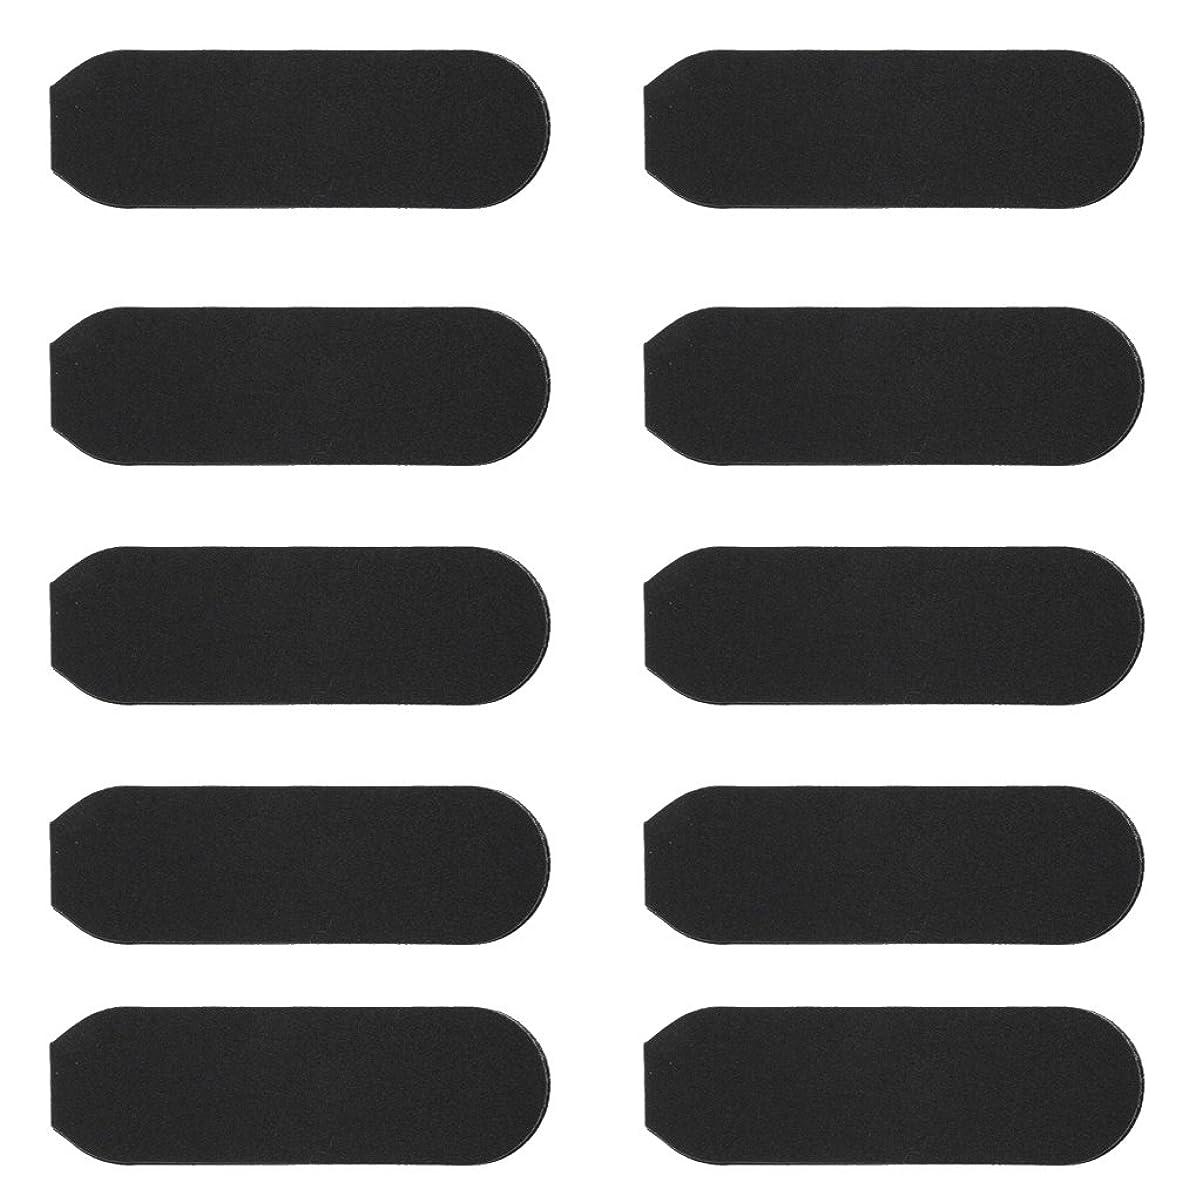 日匿名声を出してCUTICATE 10枚 自己接着 ペディキュア フットサンディング 角質 リムーバー デッド スキンリムーバー